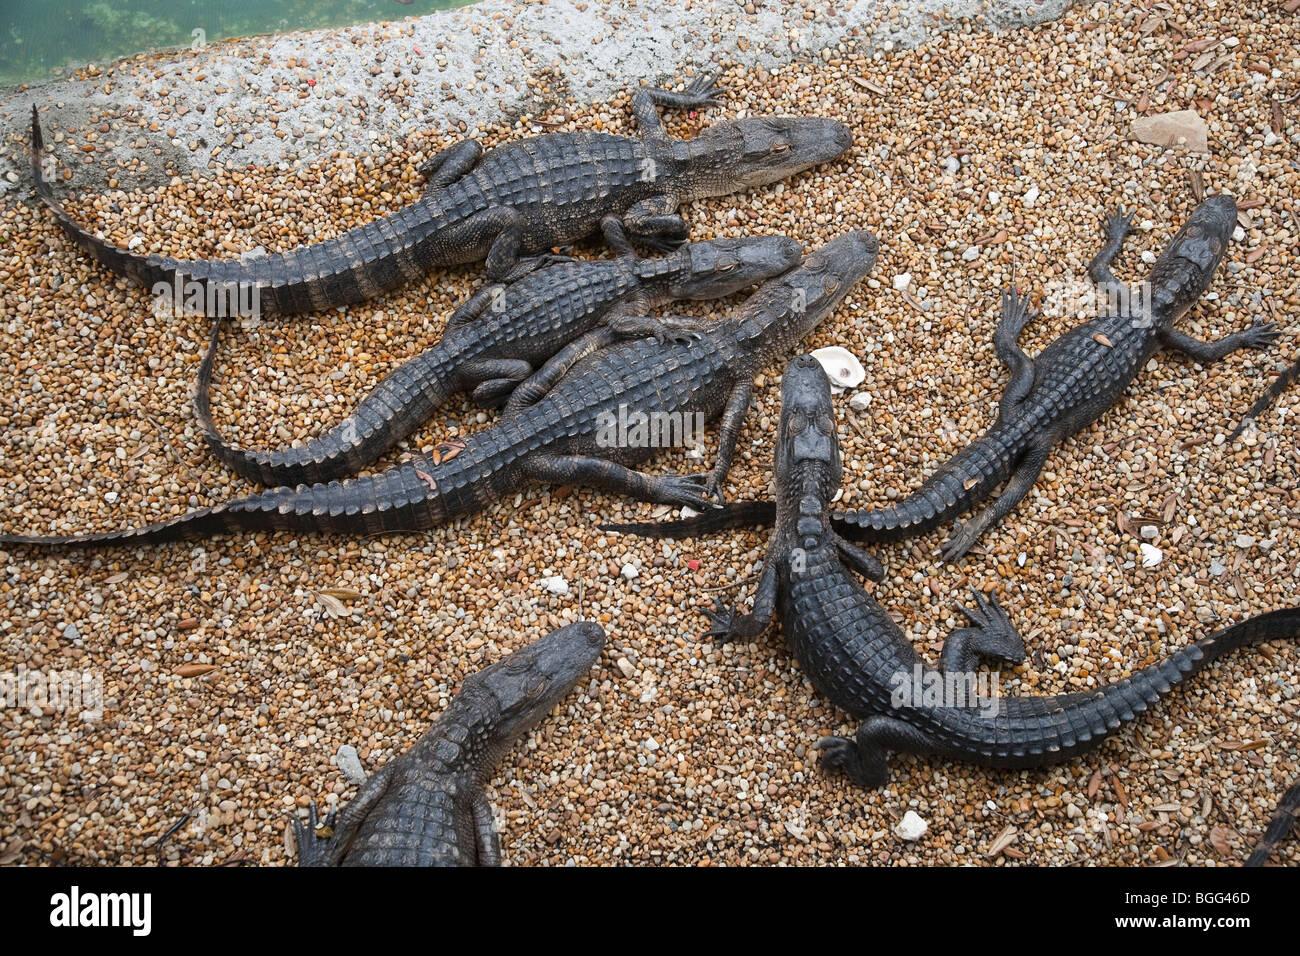 En la Granja de Lagartos de reptiles. Imagen De Stock